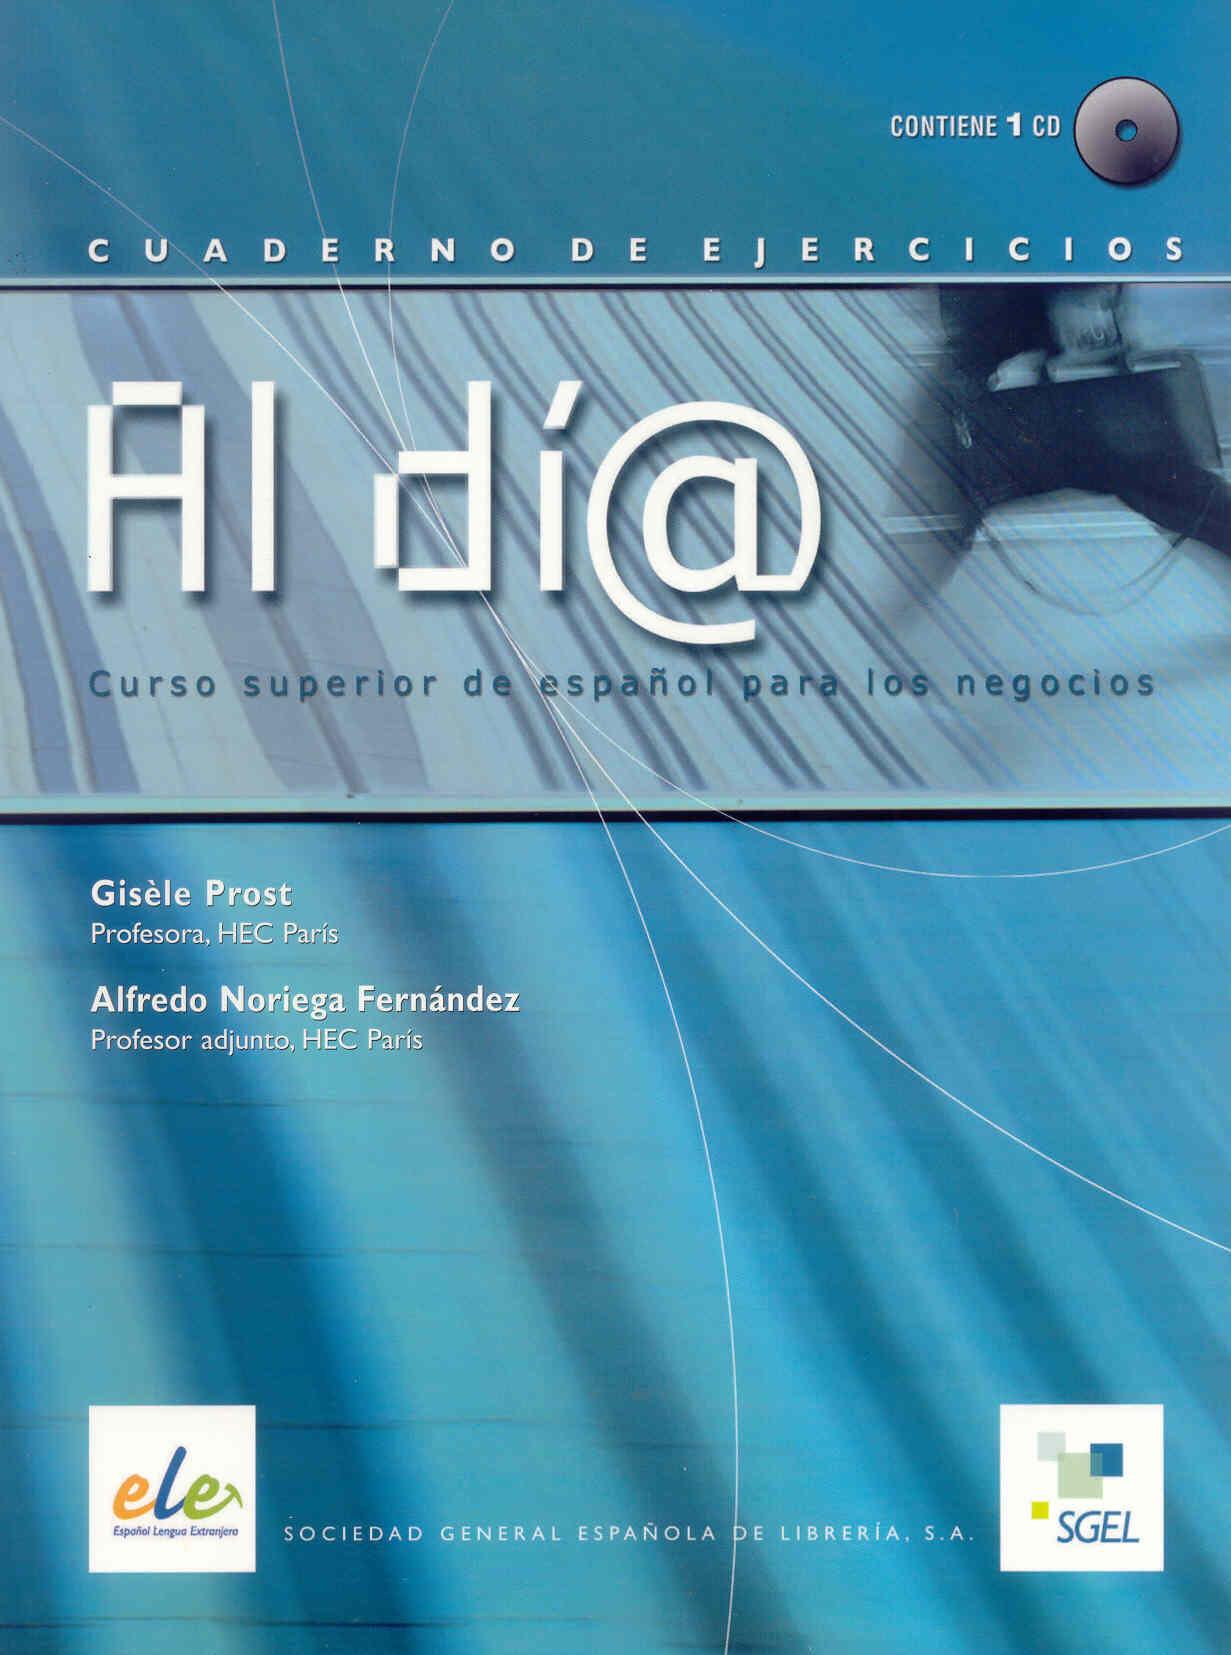 Al Dia: Curso Superior De Español Para Los Negocios (cuaderno De Ejercicios) (contiene 1cd) por Gisele Prost epub